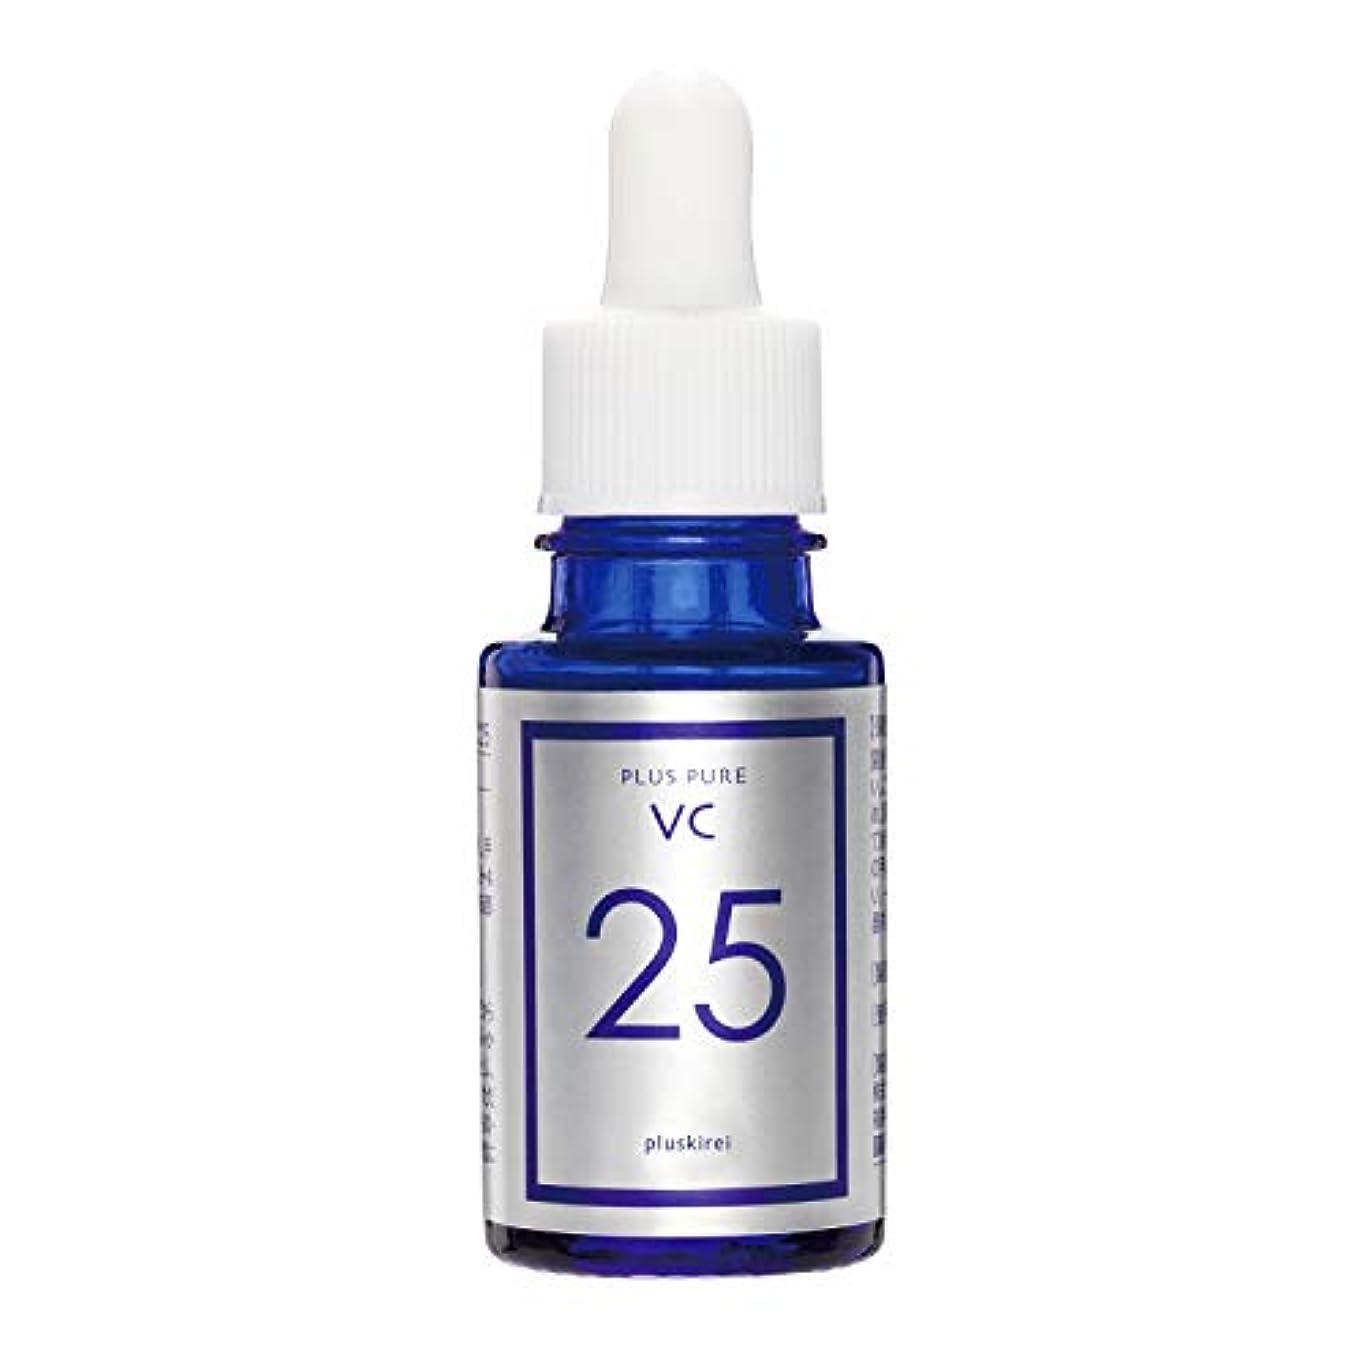 証言する流体模倣プラスピュアVC25 ピュアビタミンC25%配合 両親媒性美容液 10mL 約1?月分